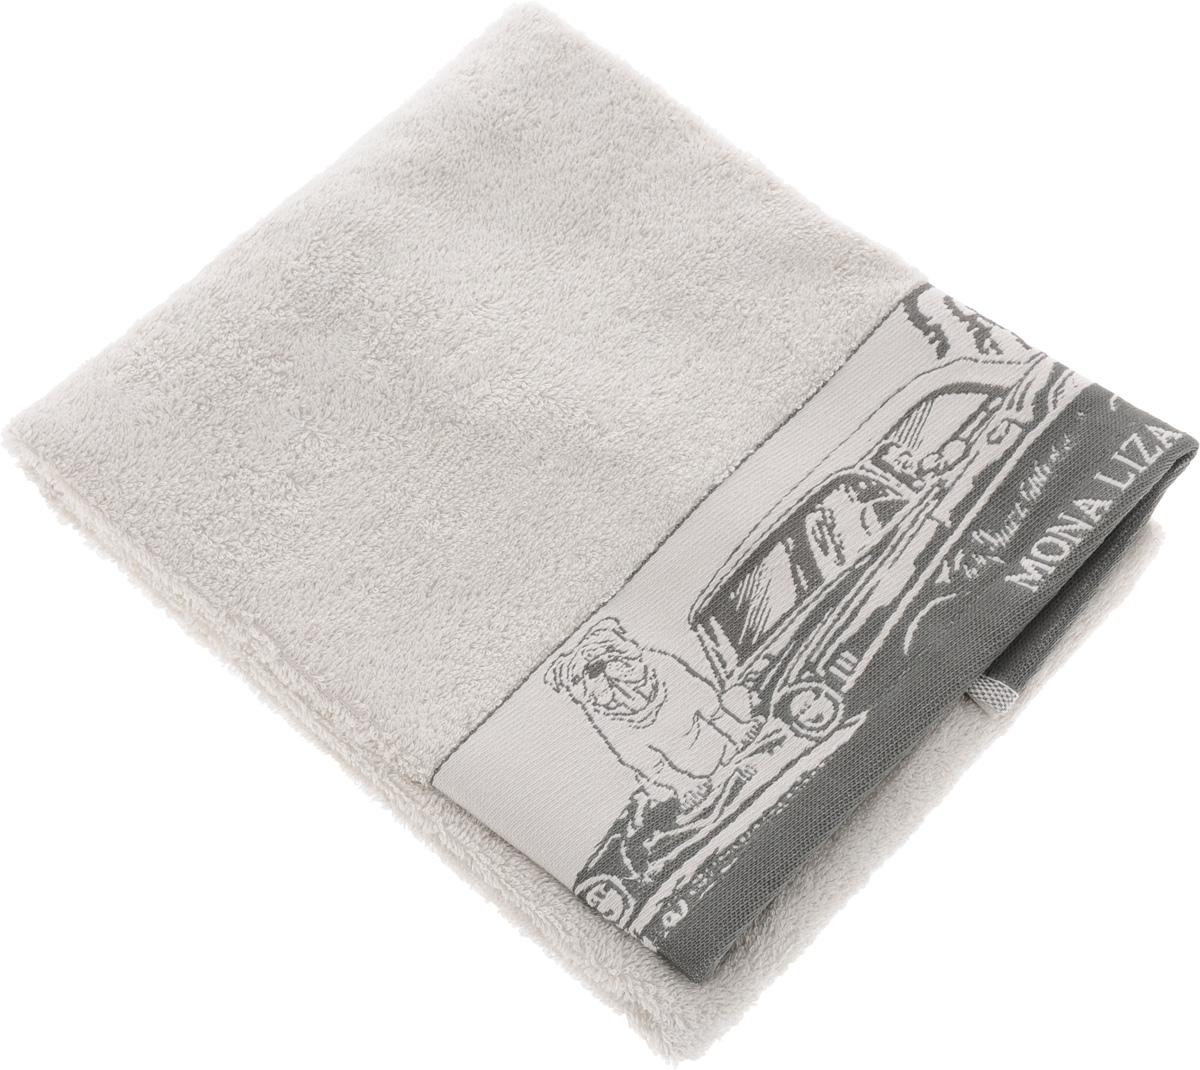 Полотенце Mona Liza Pet, цвет: светло-серый, серый, 50 х 90 см529671/2Мягкое полотенце Pet изготовлено из 30% хлопка и 70% бамбукового волокна. Полотенце Pet с жаккардовым бордюром обладает высокой впитывающей способностью и сочетает в себе элегантную роскошь и практичность. Благодаря высокому качеству изготовления, полотенце будет радовать вас многие годы. Мотивы коллекции Mona Liza Premium bu Serg Look навеяны итальянскими фресками эпохи Ренессанса, периода удивительной гармонии в искусстве. В представленной коллекции для нанесения на ткань рисунка применяется многоцветная печать, метод реактивного крашения, который позволяет создать уникальную цветовую гамму, напоминающую старинные фрески. Этот метод также обеспечивает высокую устойчивость краски при стирке.